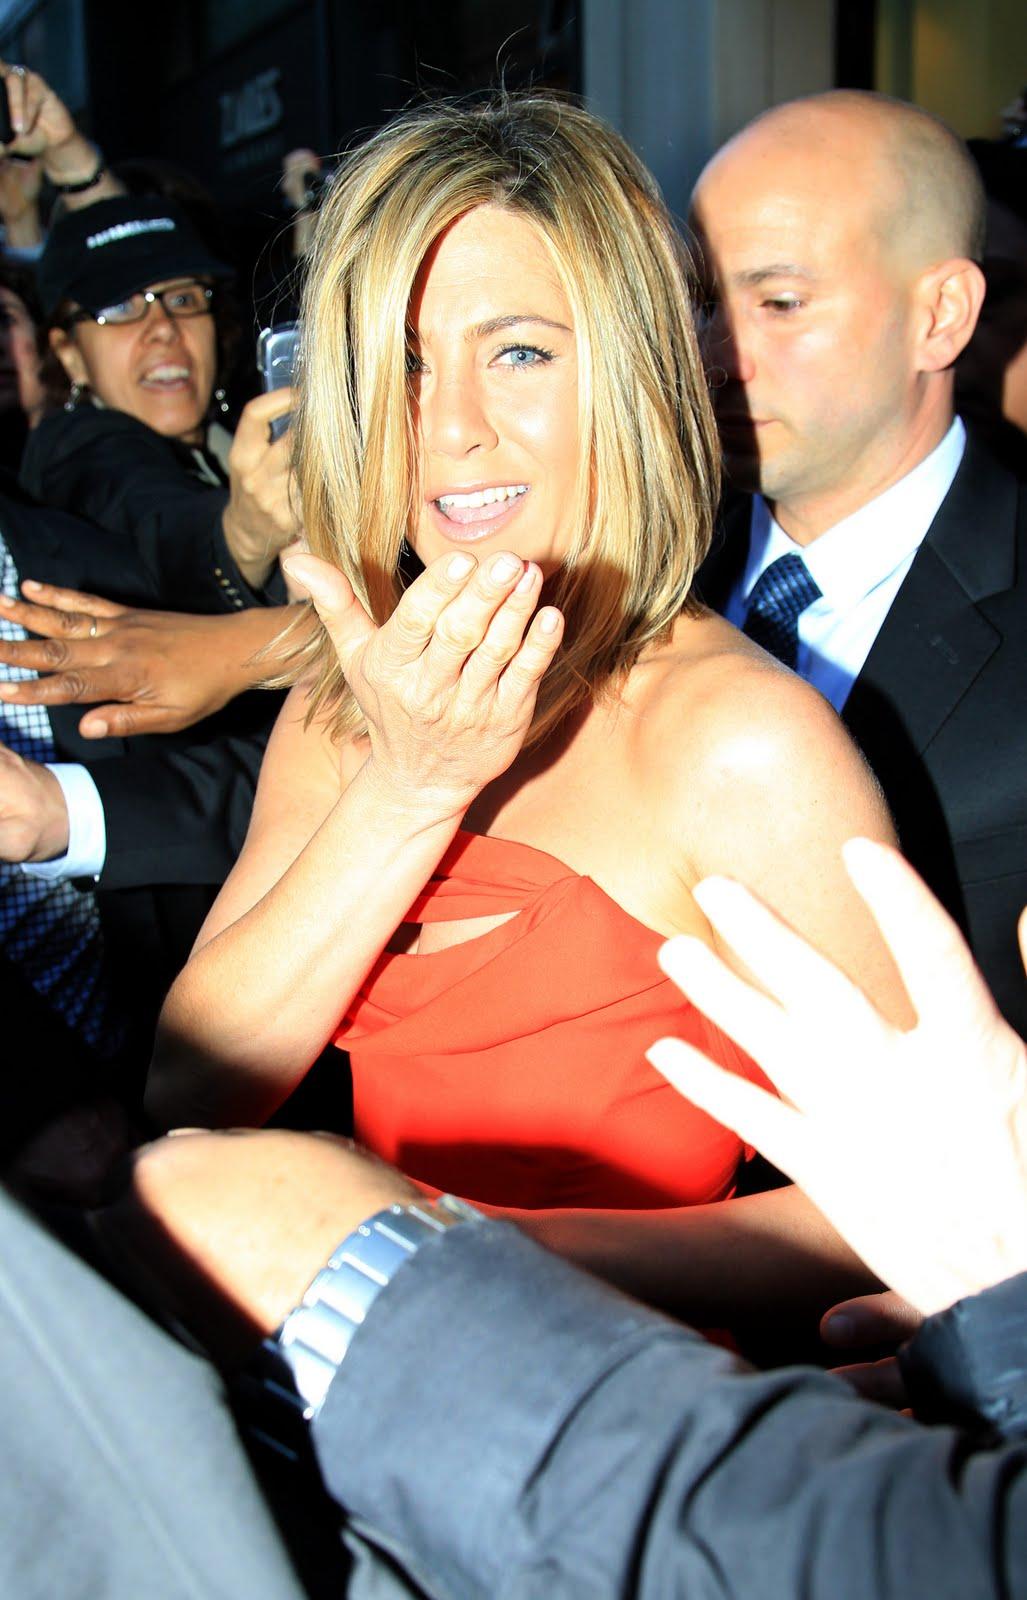 http://3.bp.blogspot.com/-Nv8IXwcPTl4/TcgLR180dKI/AAAAAAAAAIc/cCD9GOcG1Uw/s1600/Jennifer-Aniston-14.jpg